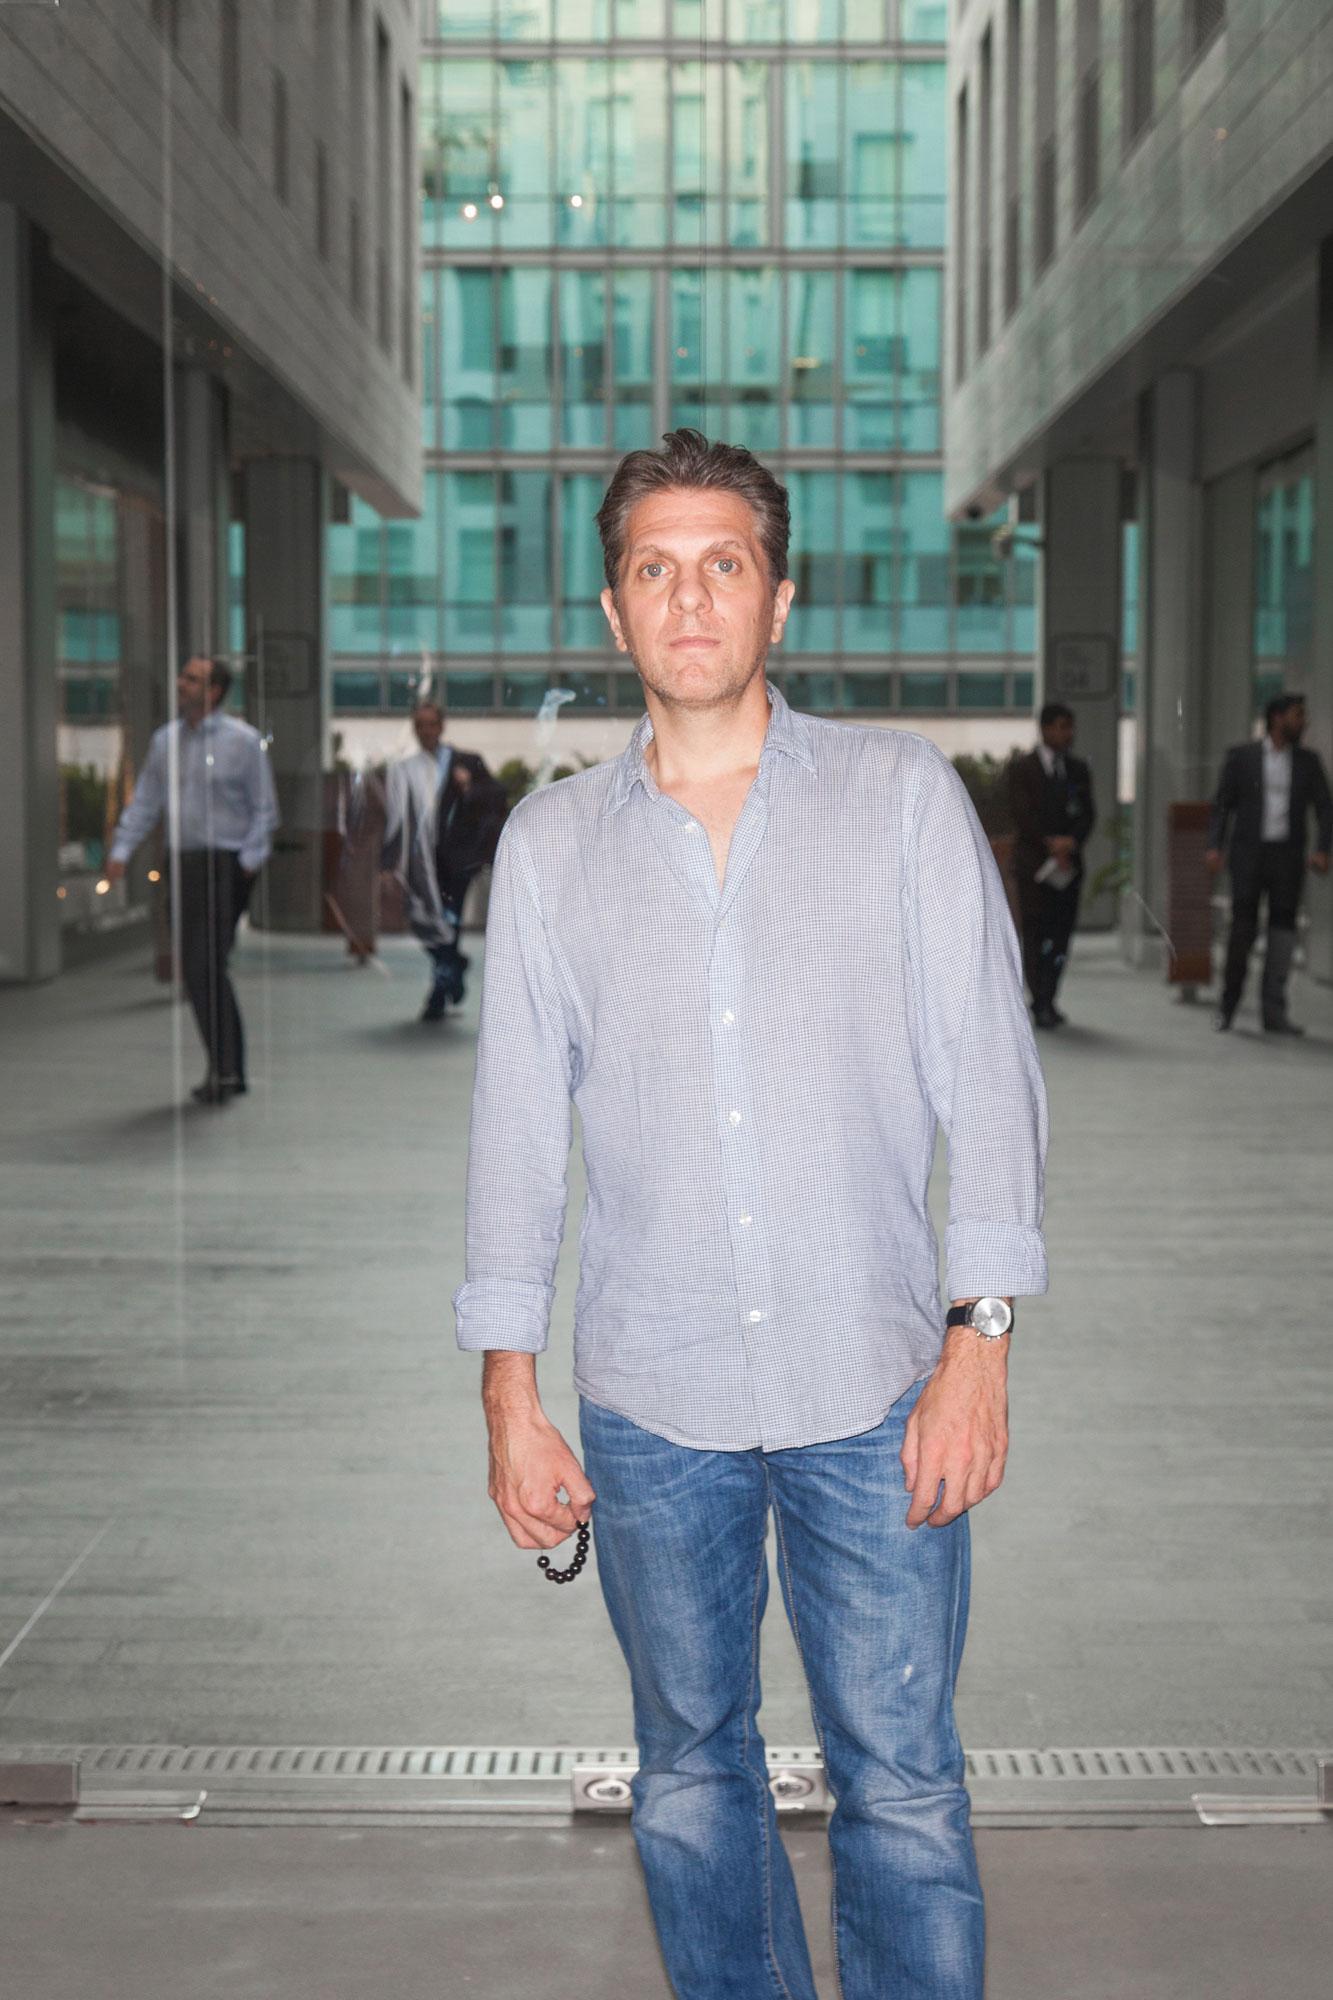 Roberto Lopardo, director of Cuadro gallery